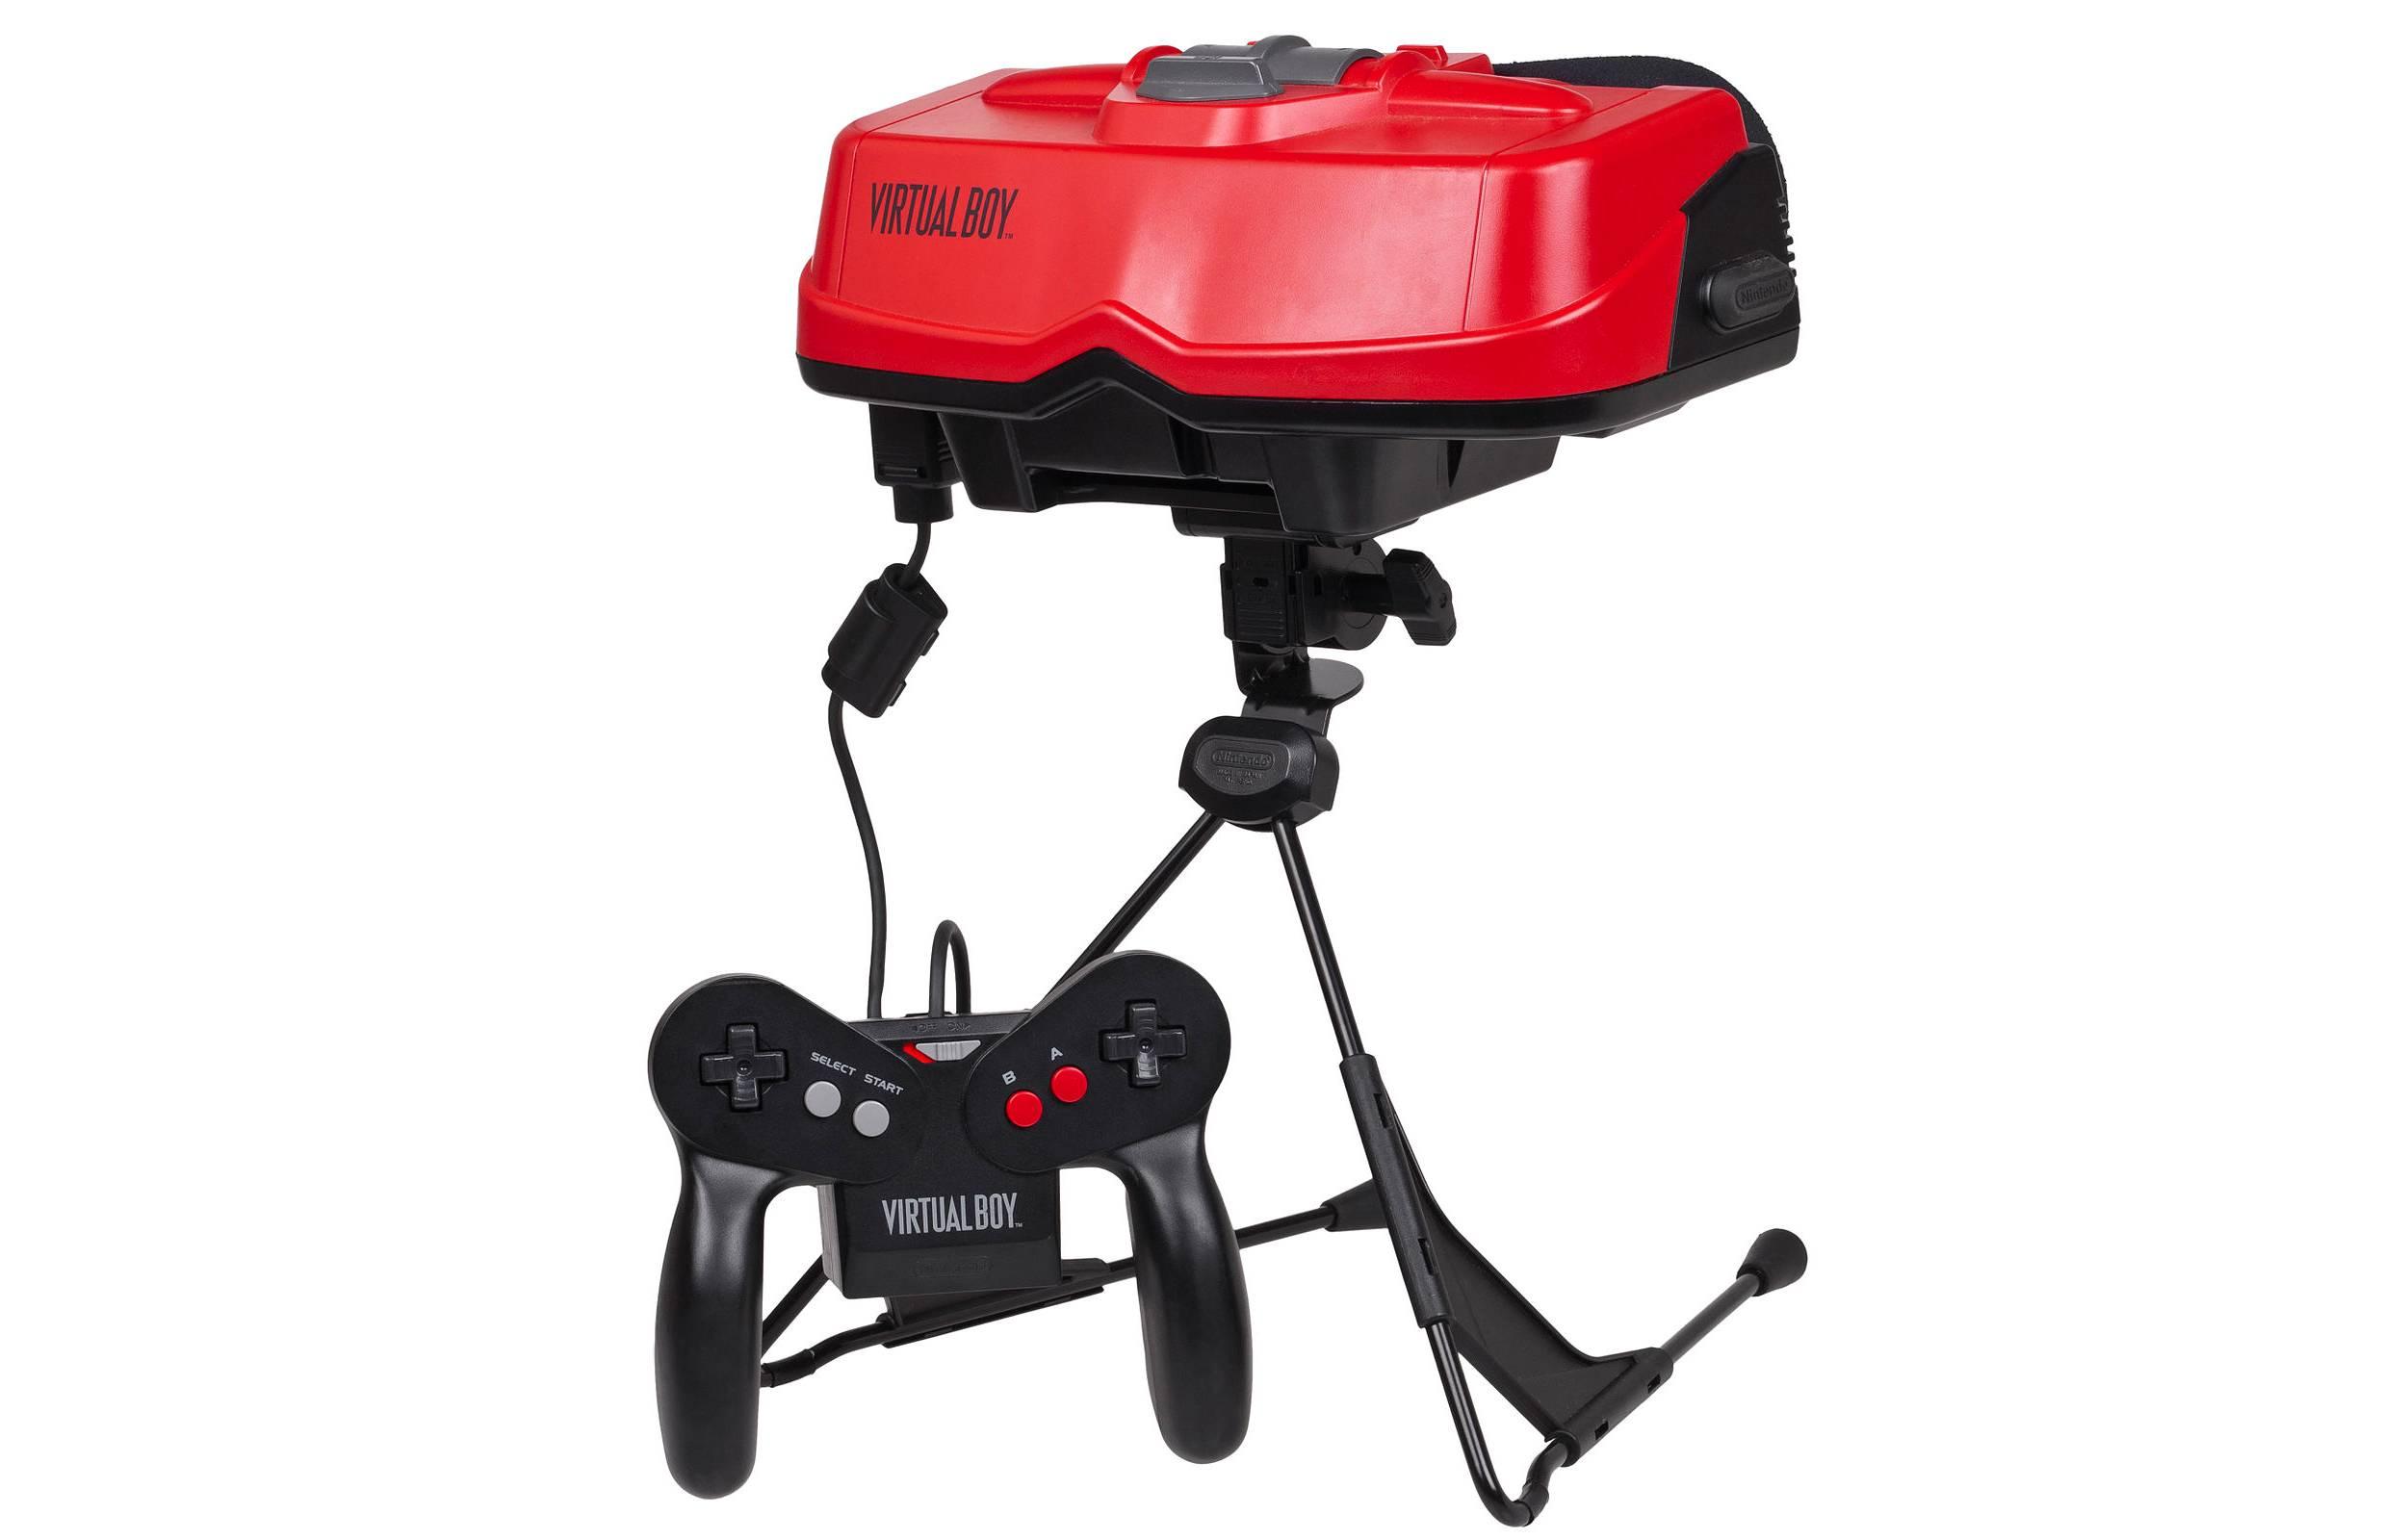 任天堂1995年推出的Virtual Boy